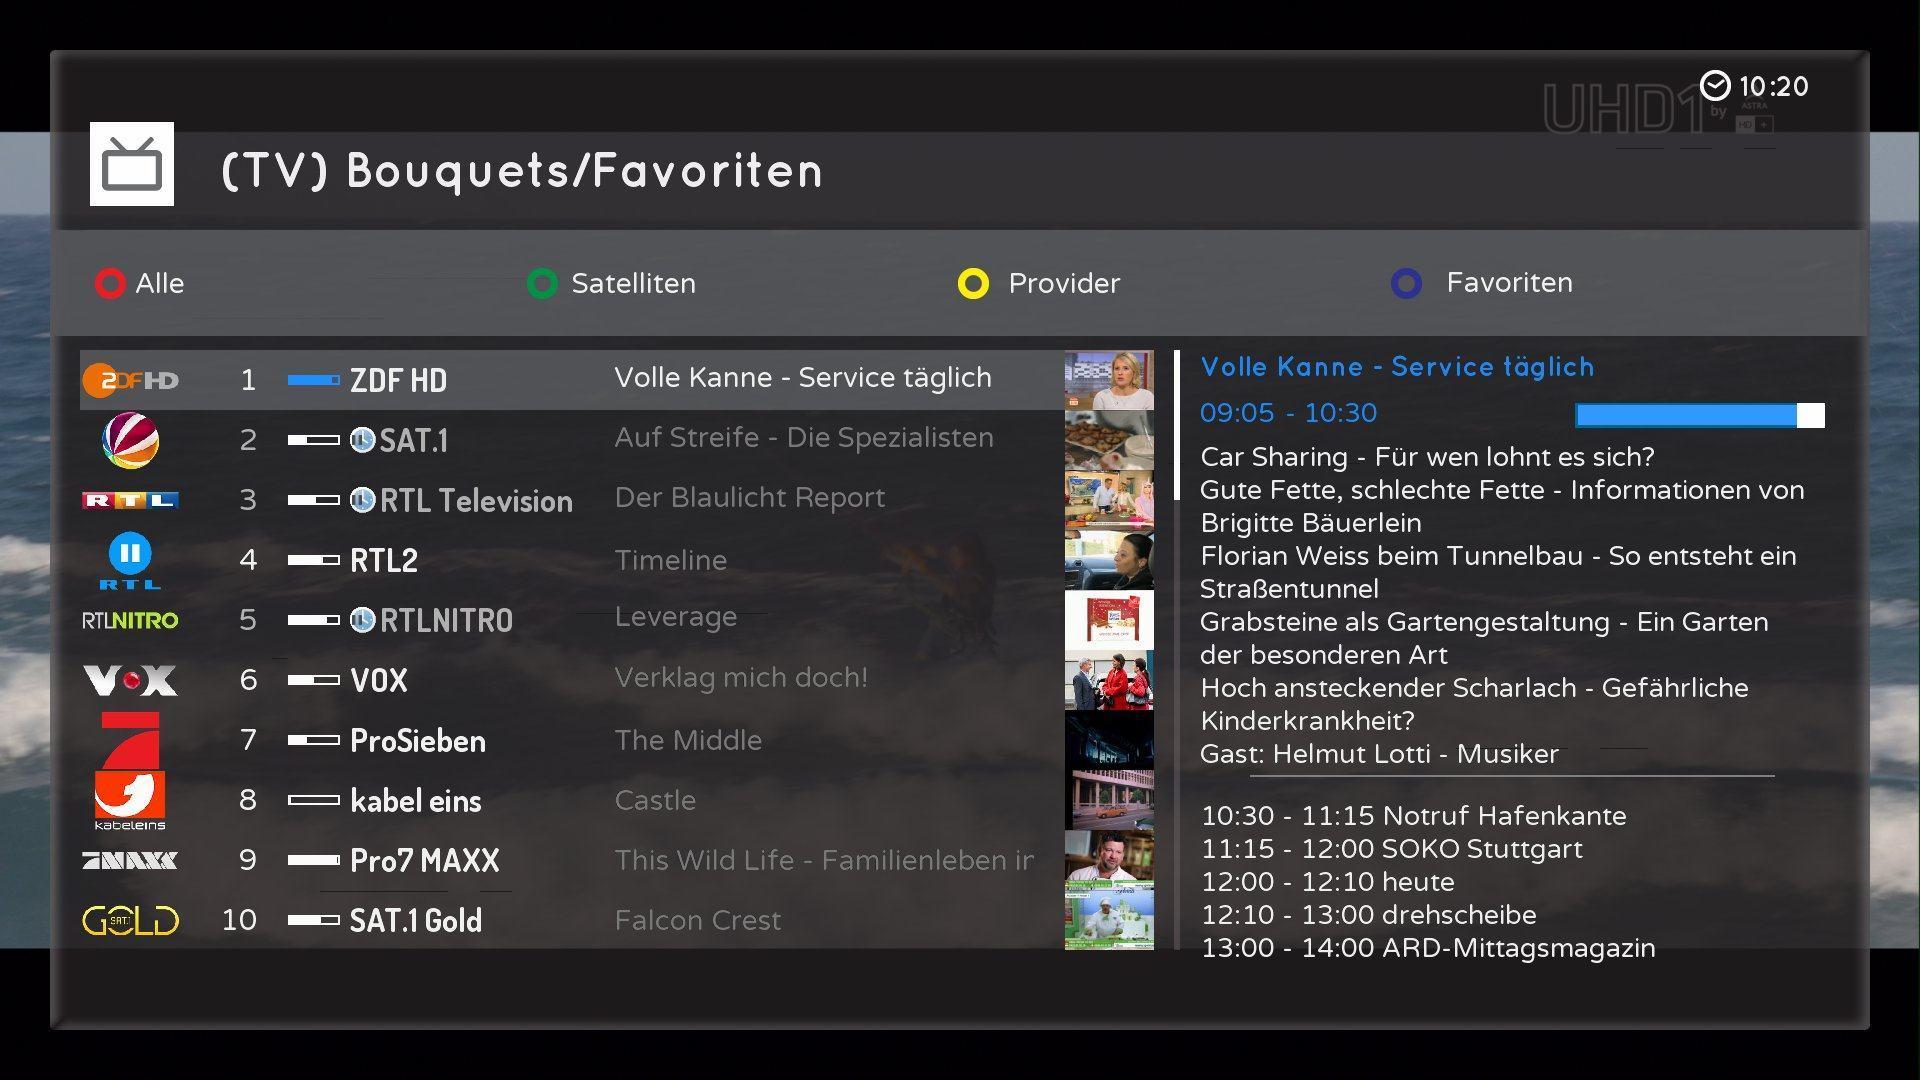 VTi 11.0 Image passend zum Start der VU+ Uno 4K erschienen 17